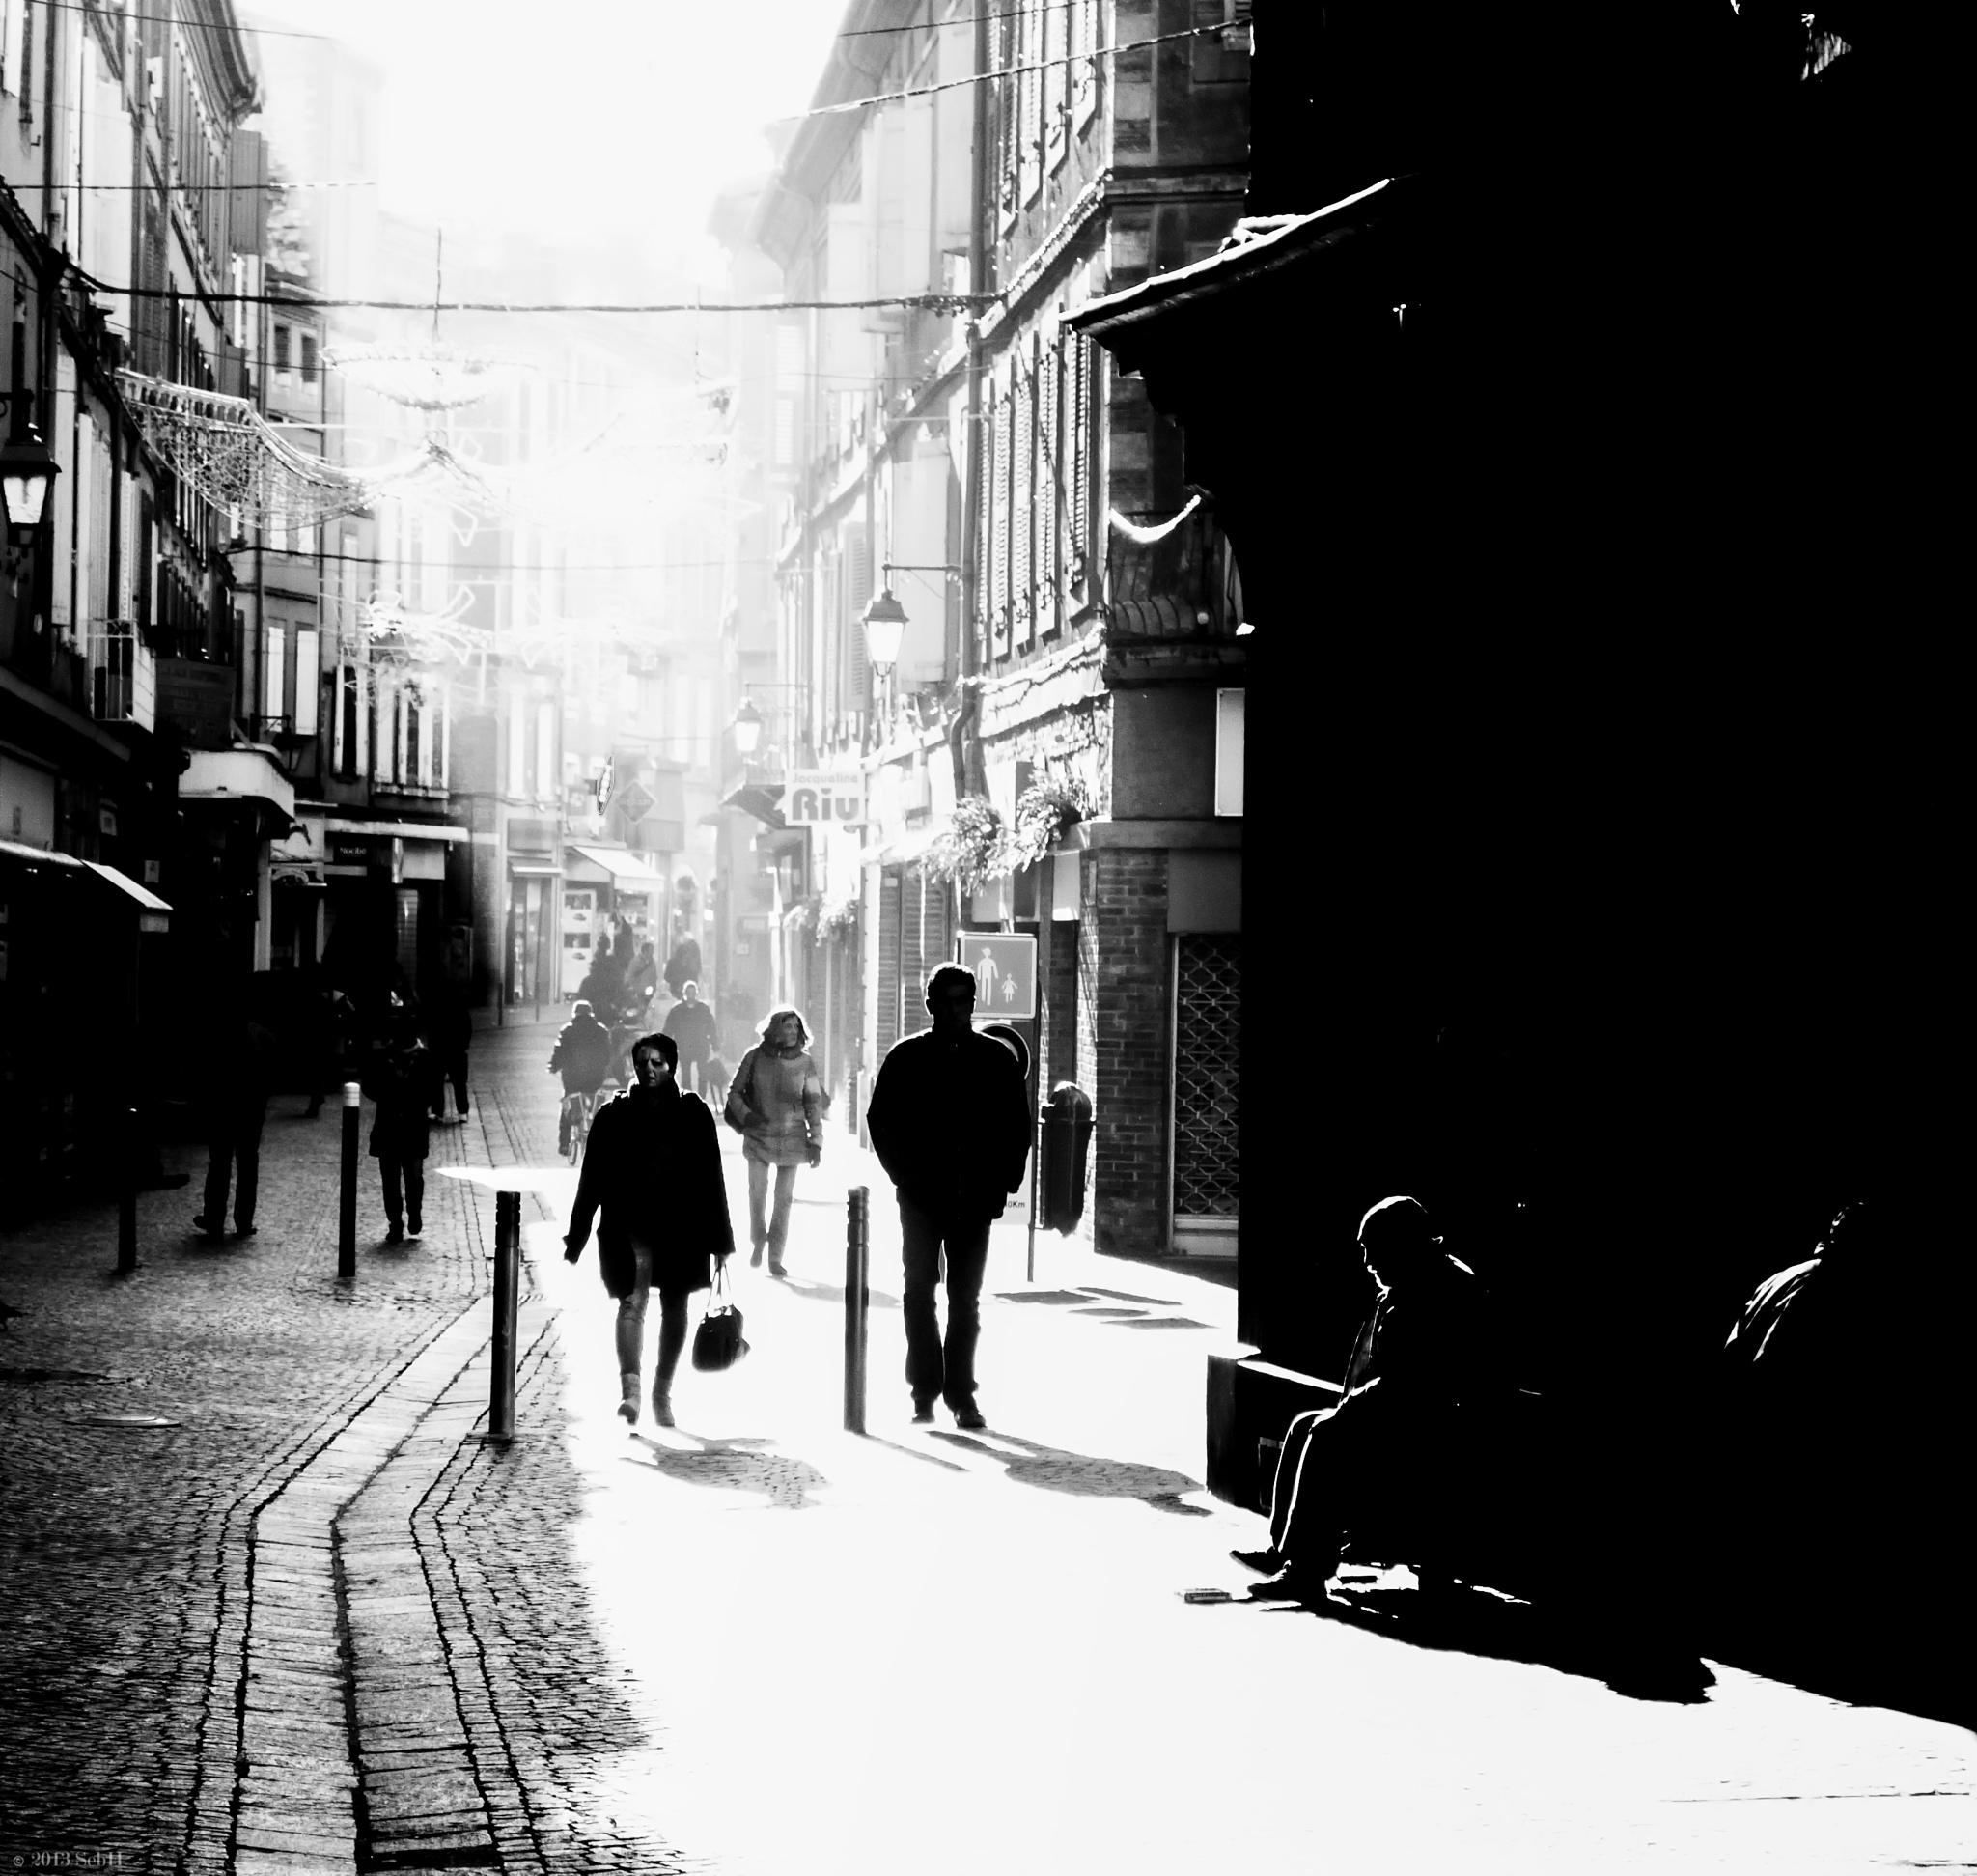 qui sommes nous ? by Sebastien Hernandez